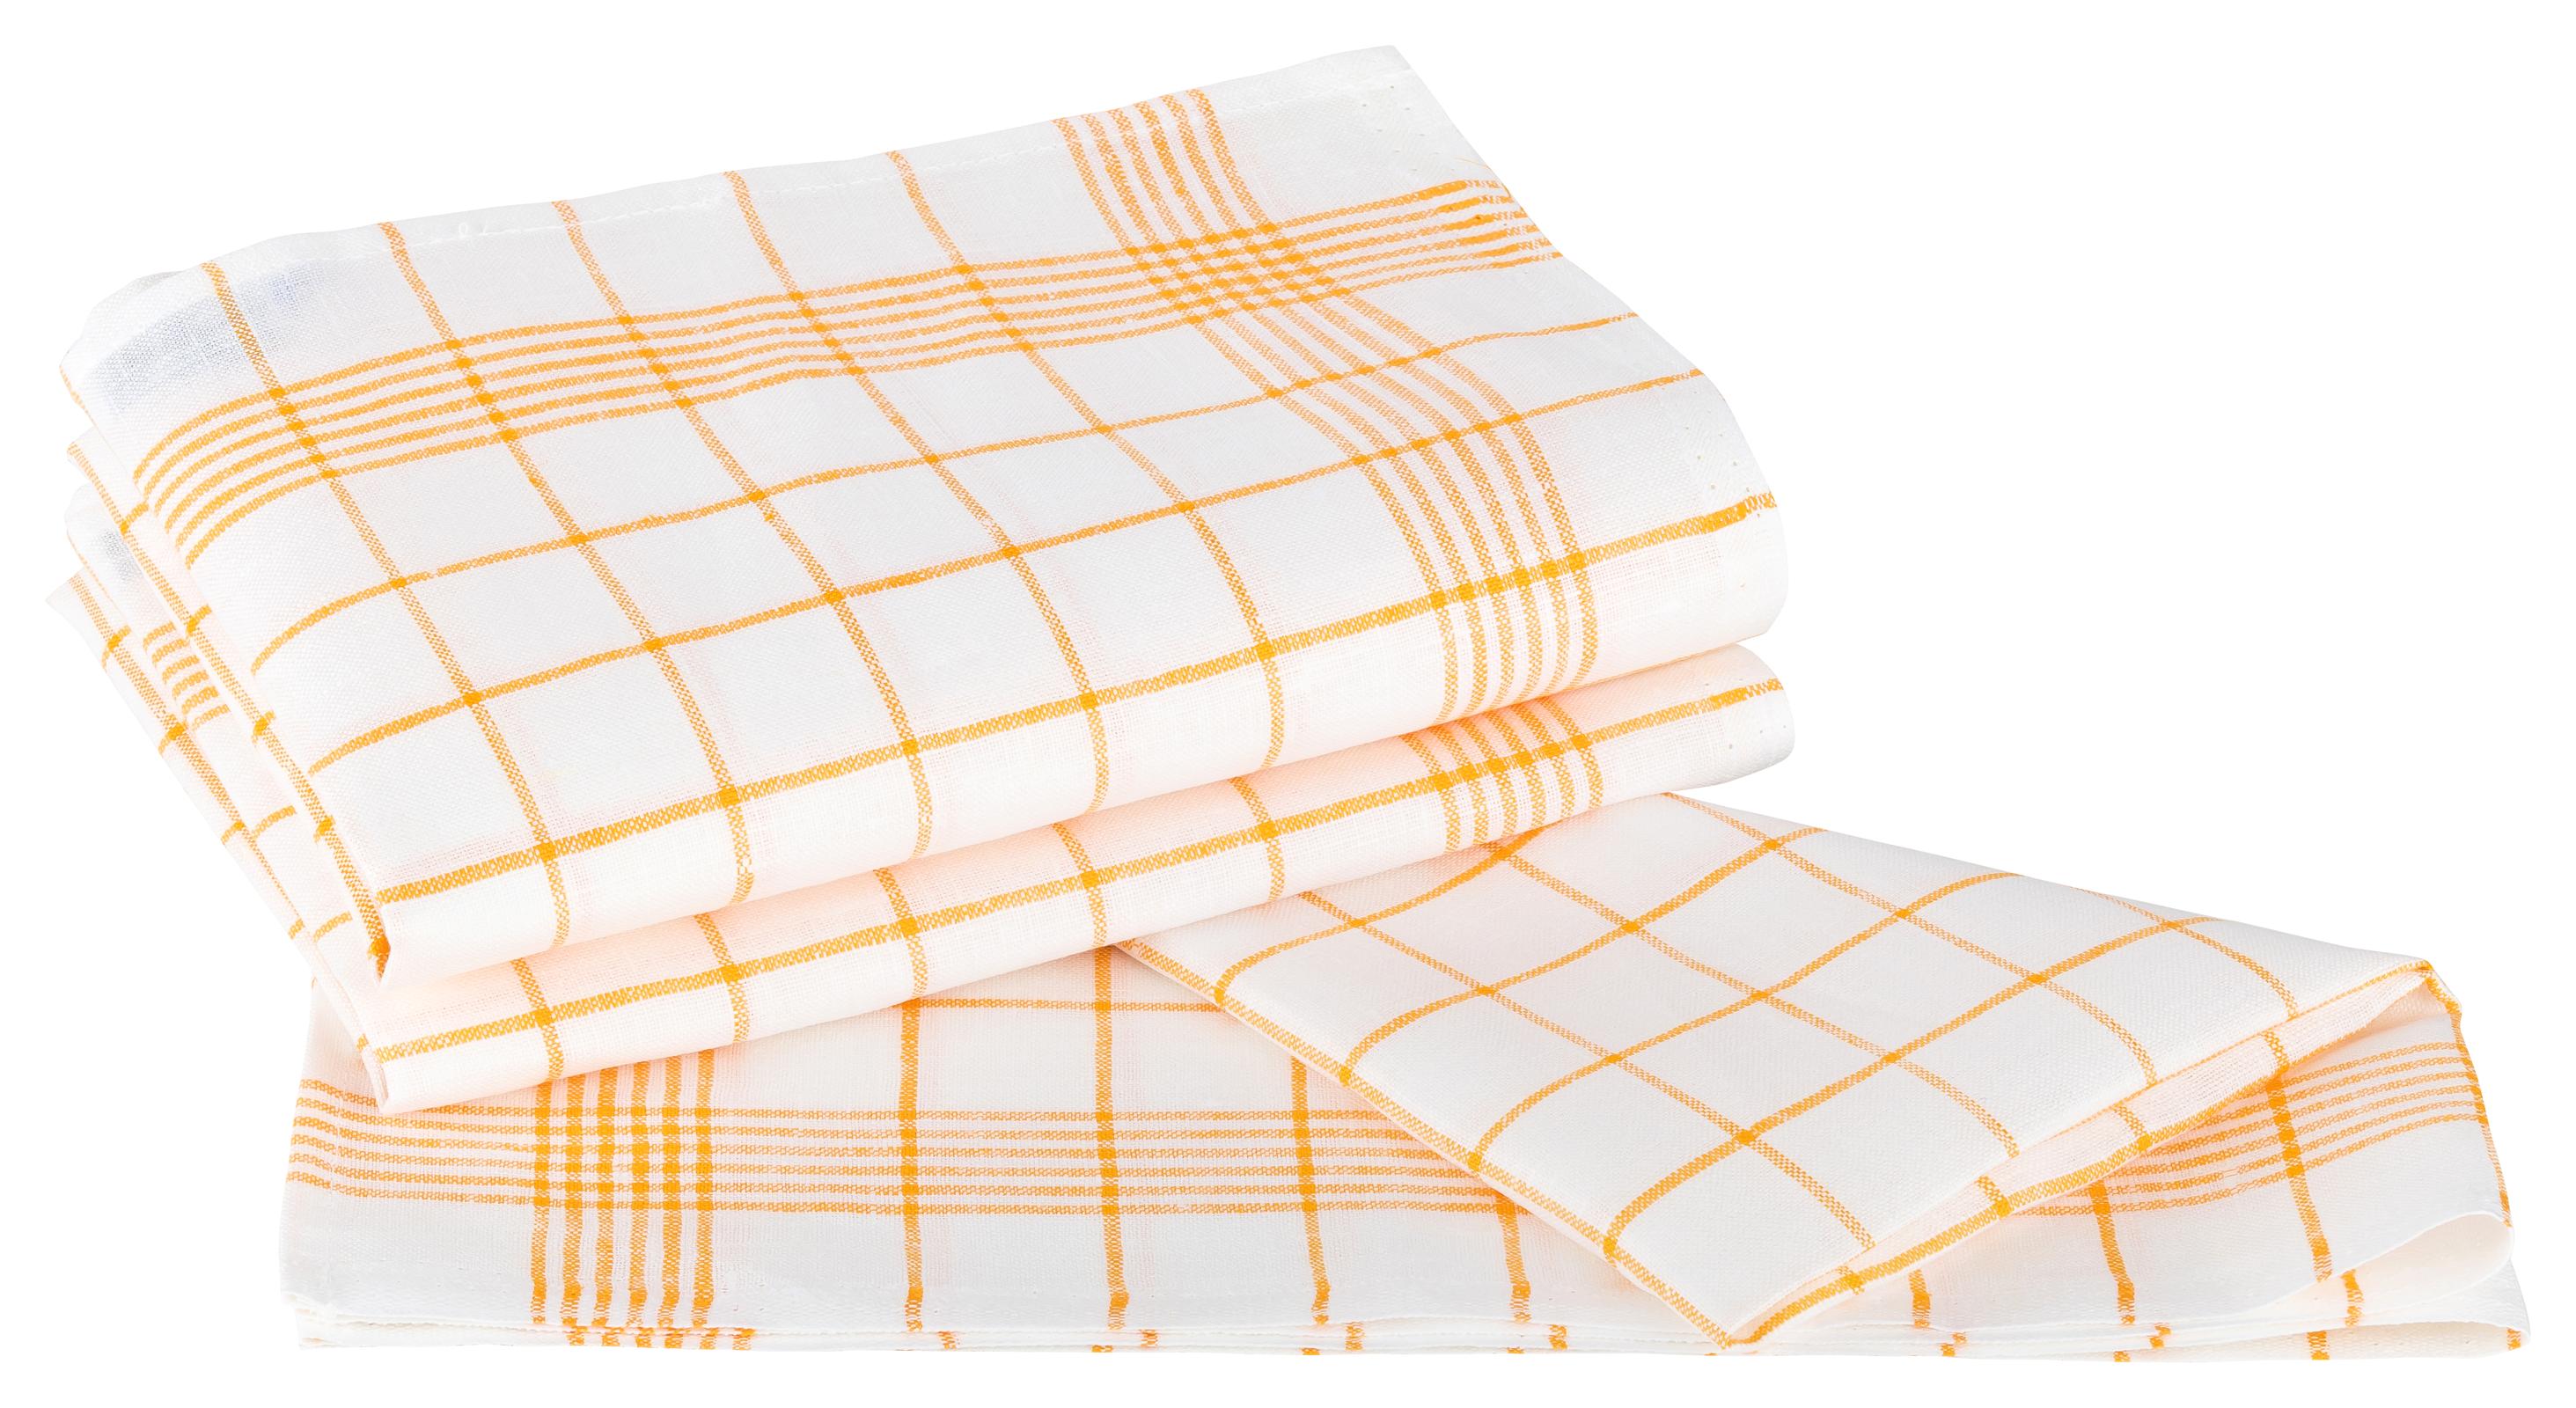 Küchentextilien - Kracht 3er Pack Geschirrtücher Gläsertücher Reinleinen 50x70 Karo 2 262 14 weiß gelb  - Onlineshop PremiumShop321